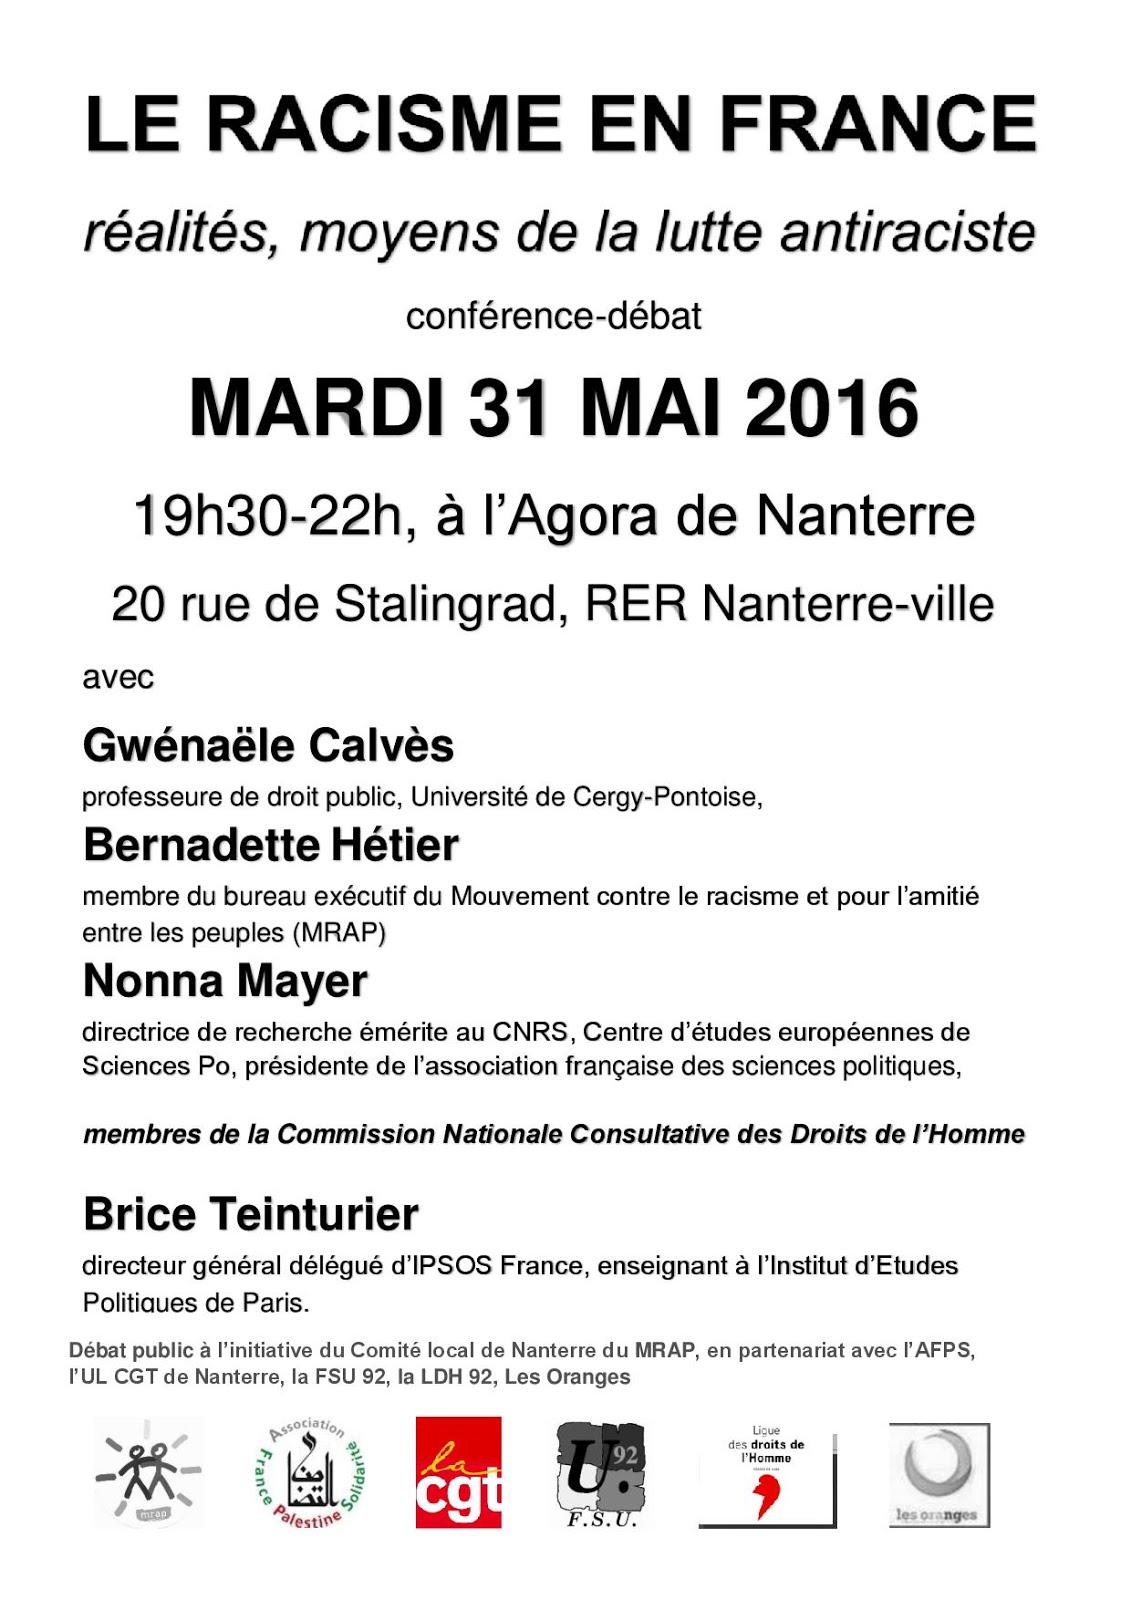 rendez-vous à Nanterre (2)